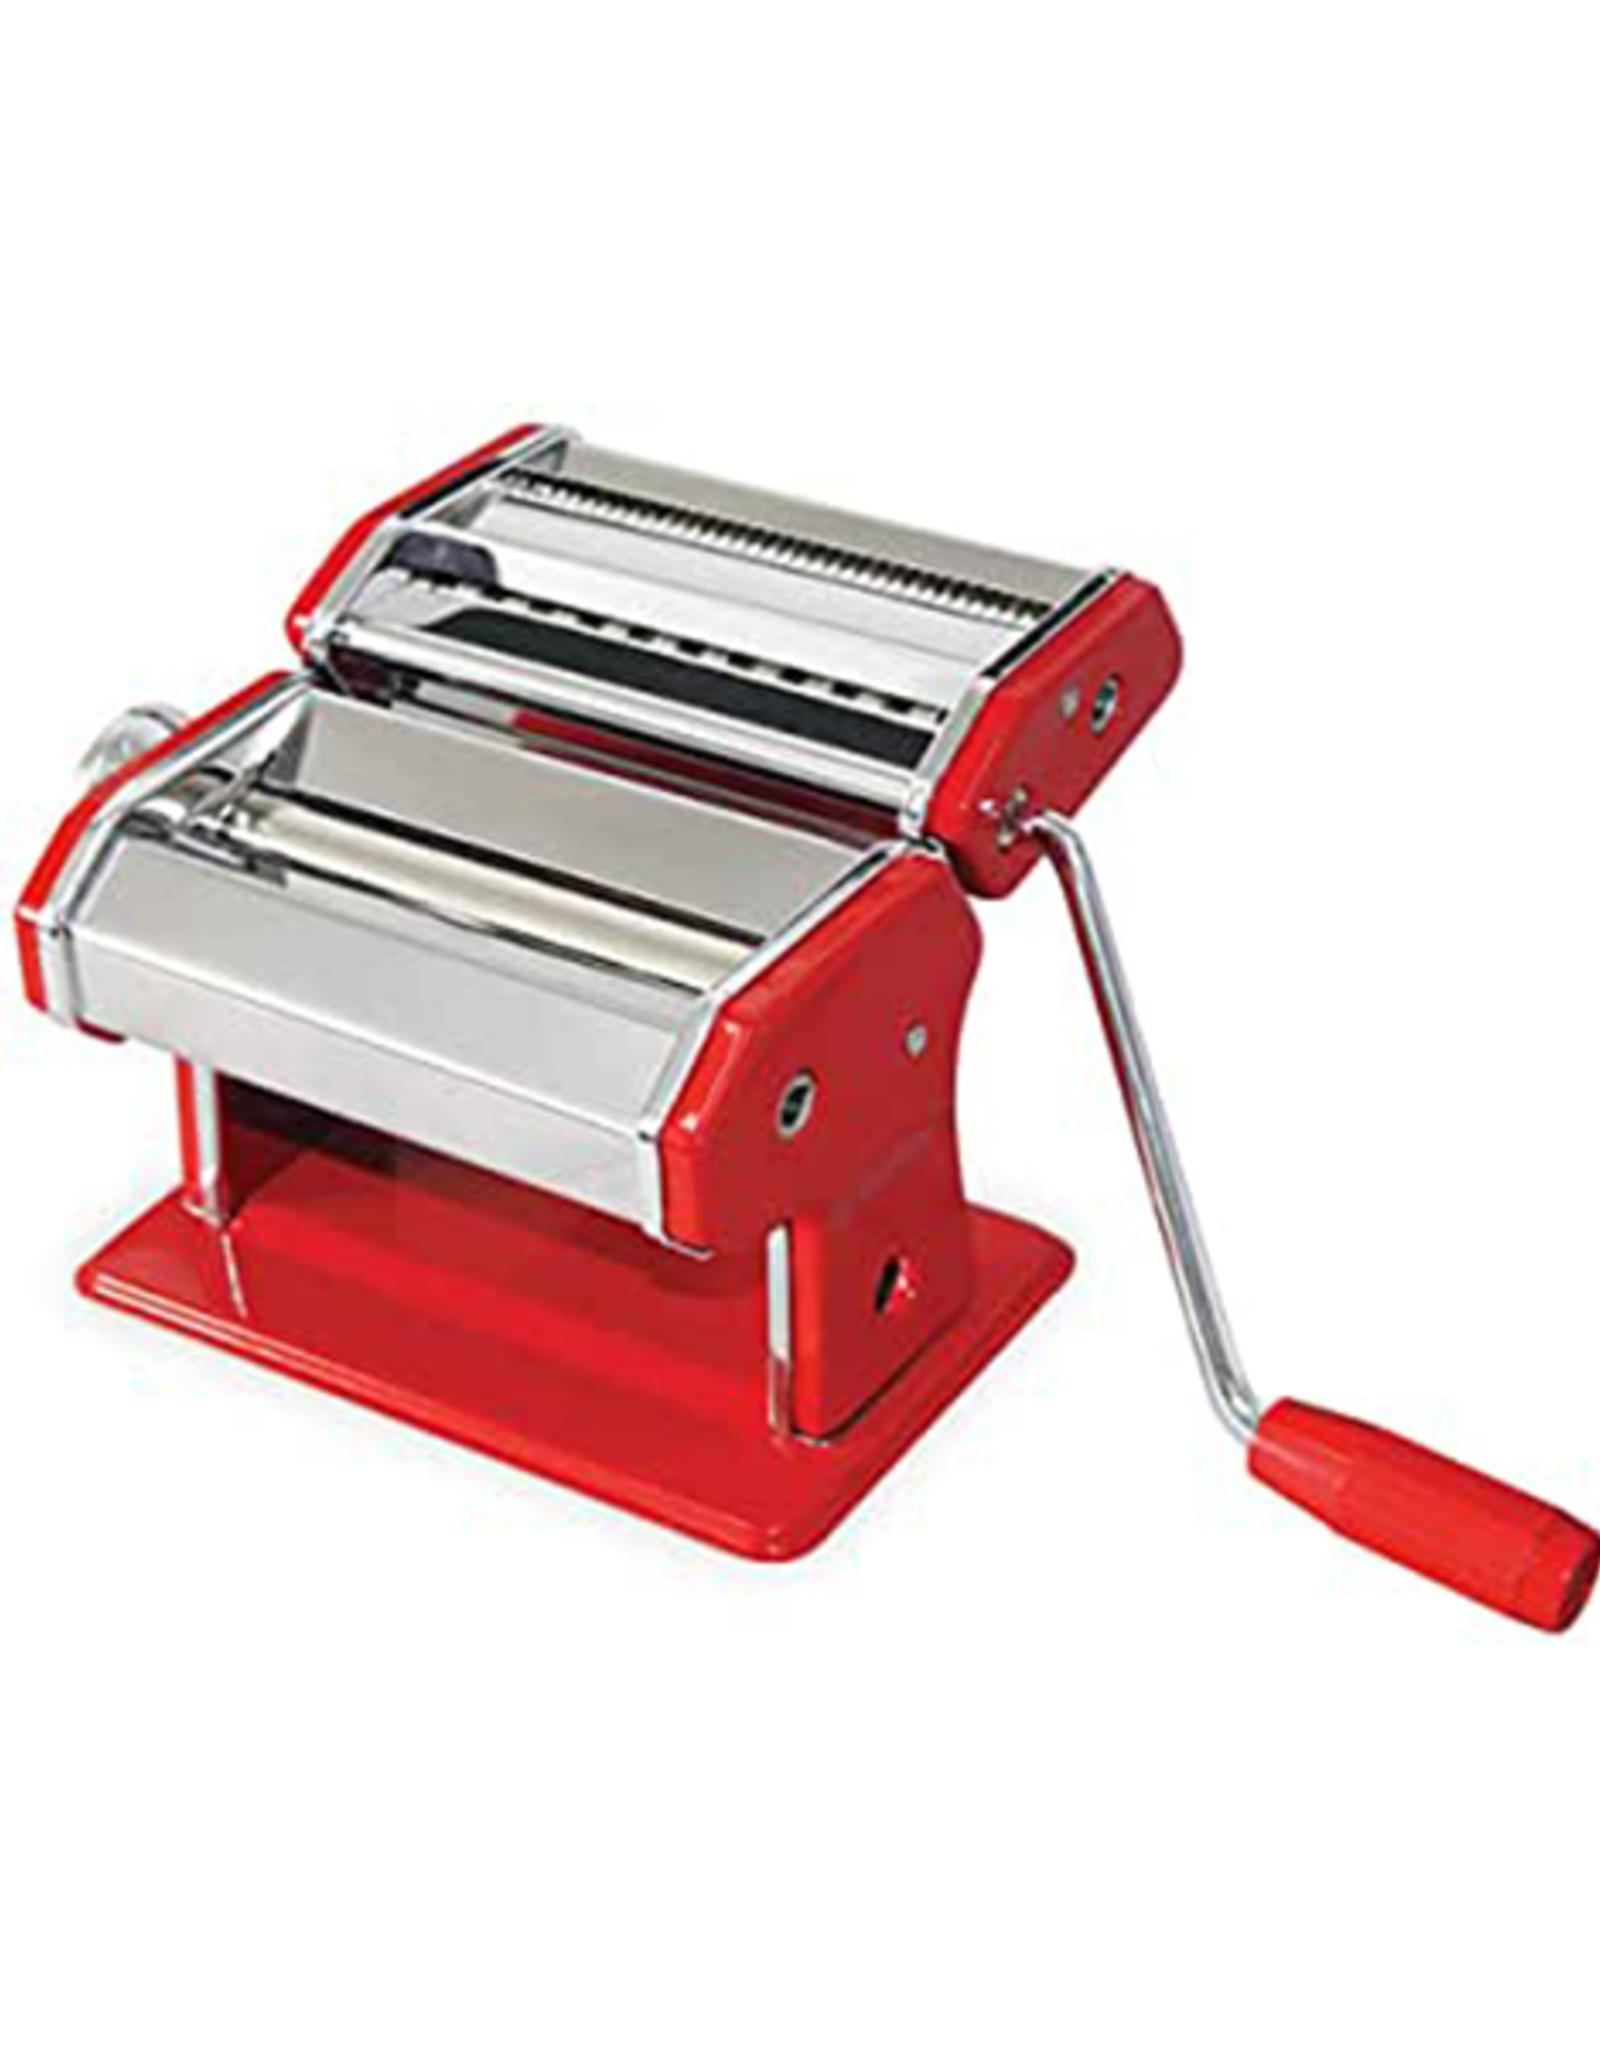 Avanti Homewares S/S Pasta Making Machine 150mm Red